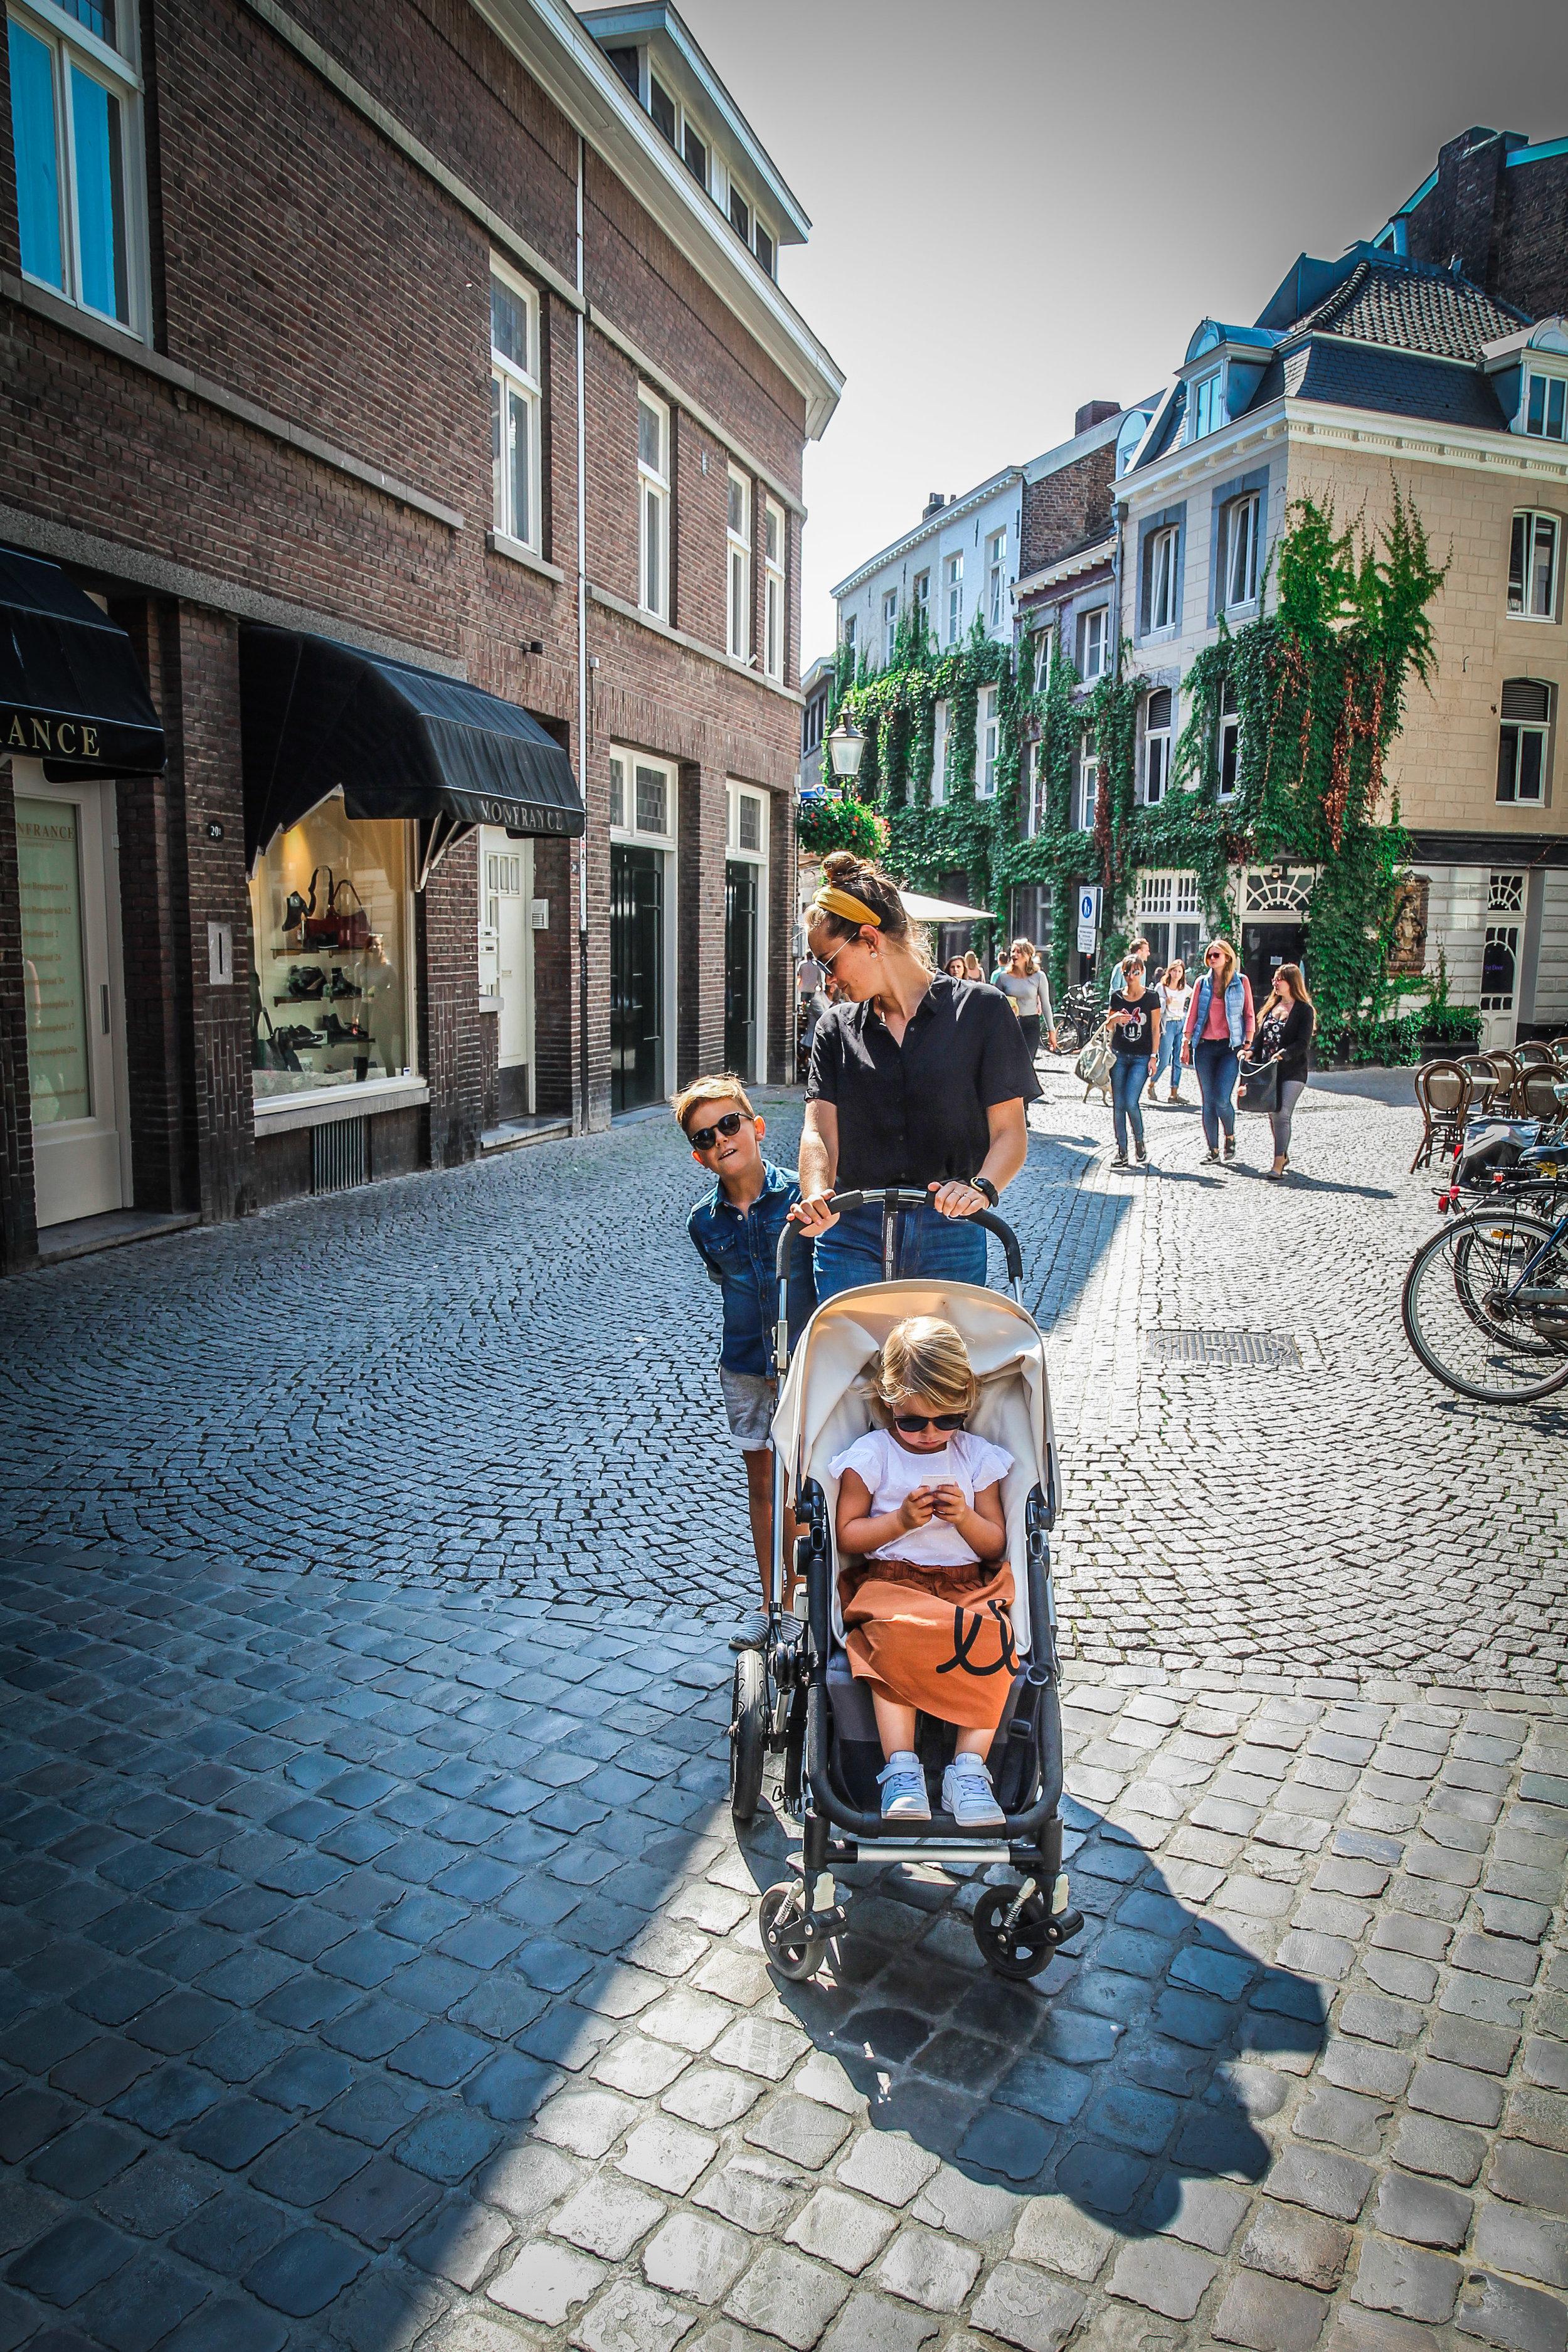 maastricht_zuidlimburg_reizenmetkinderen-11.JPG